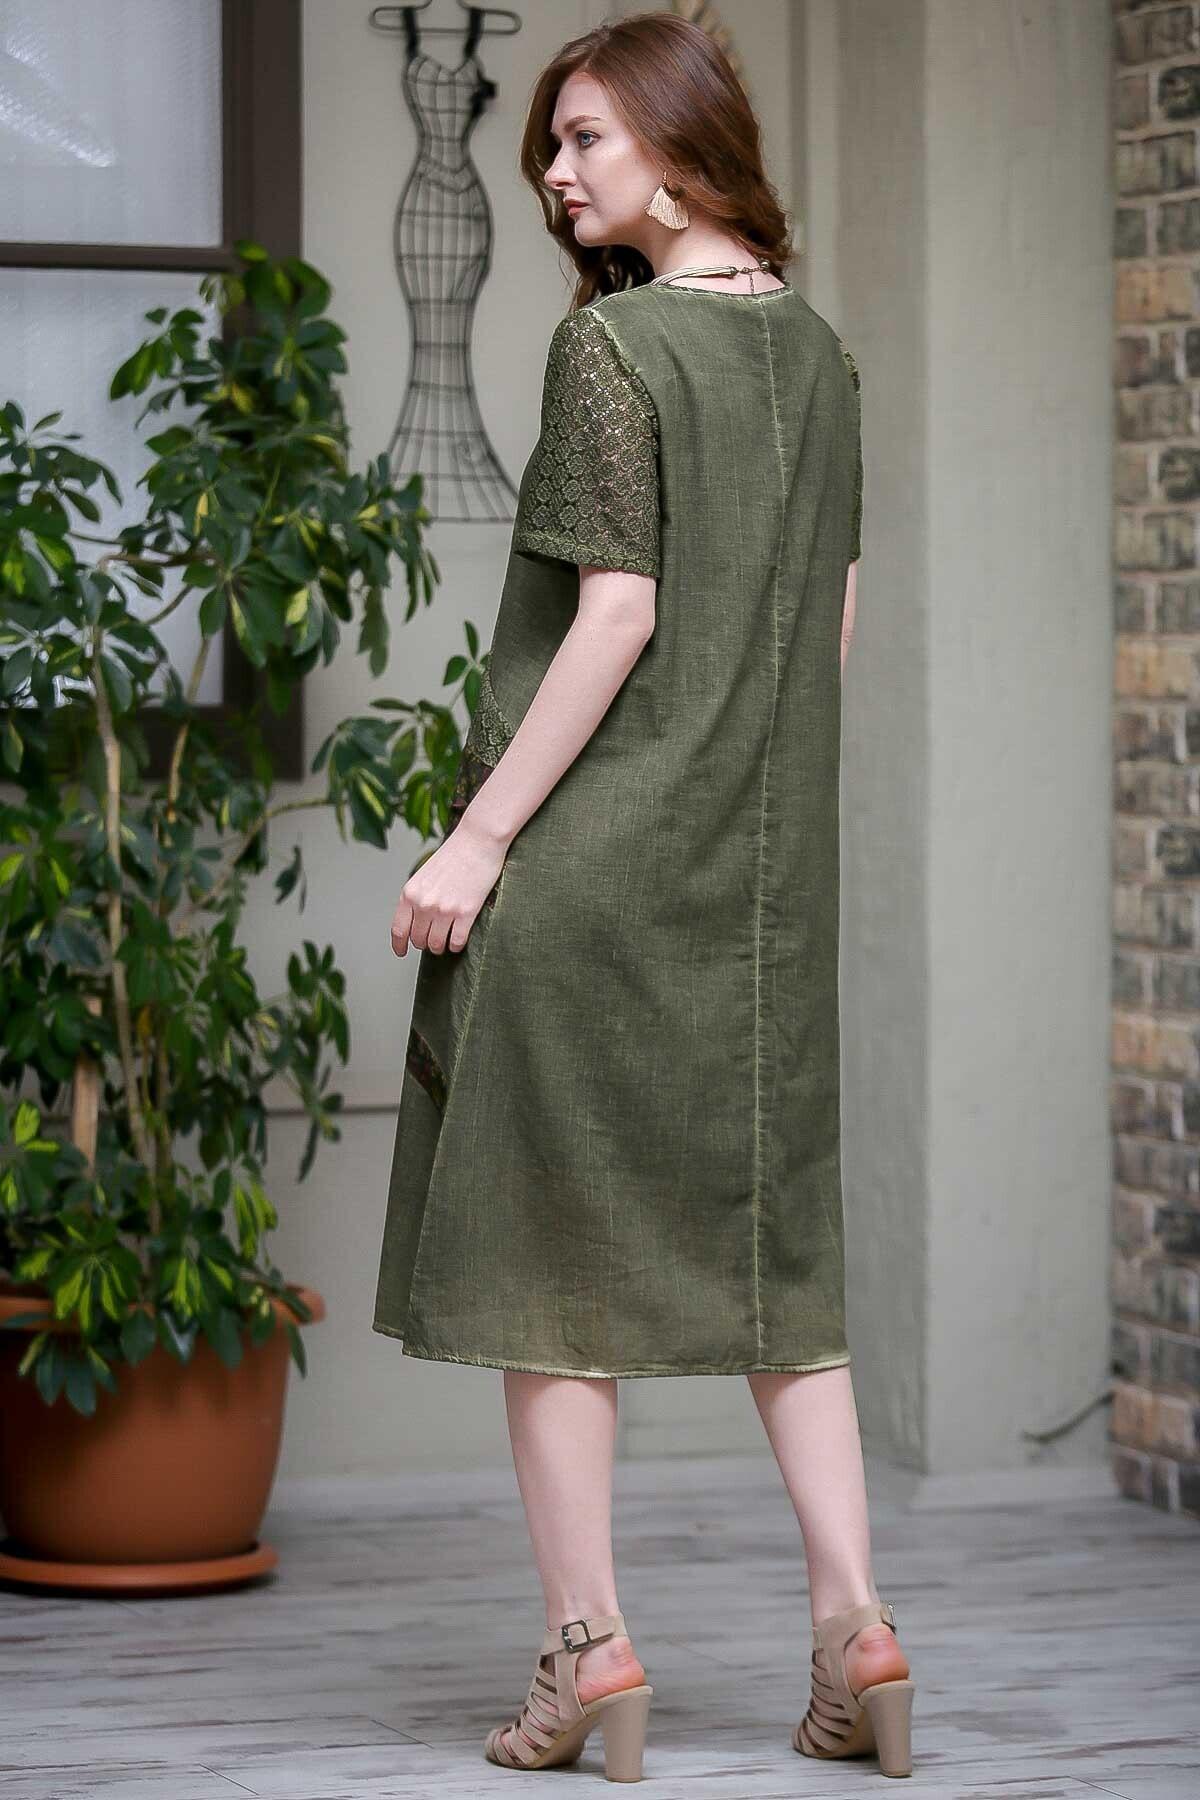 Chiccy Kadın Fuşya Dantel Kol Ve Tülbent Detaylı Cepli Astarlı Yıkamalı Dokuma Elbise  M10160000EL97240 3